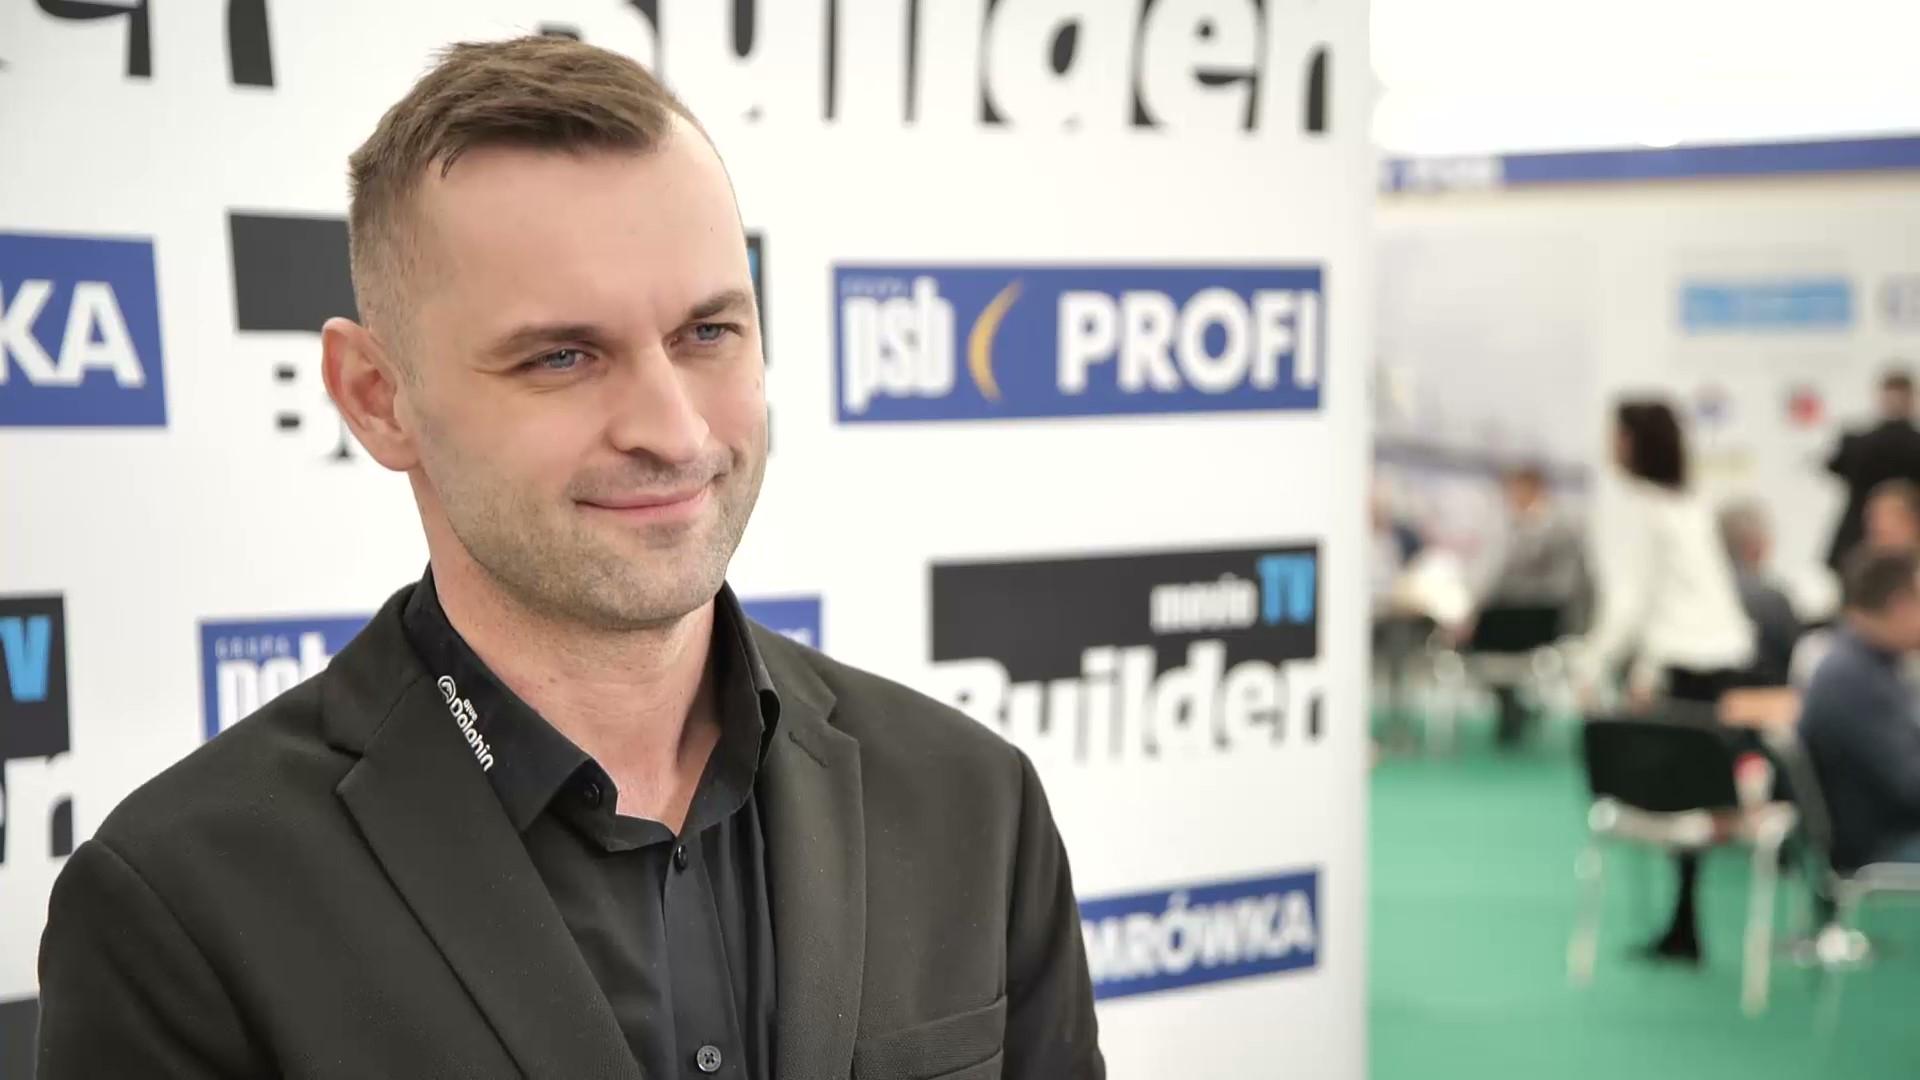 Targi Grupy PSB 2020 – Marcin Matałowski, XL TAPE INTERNATIONAL Sp. z o.o.